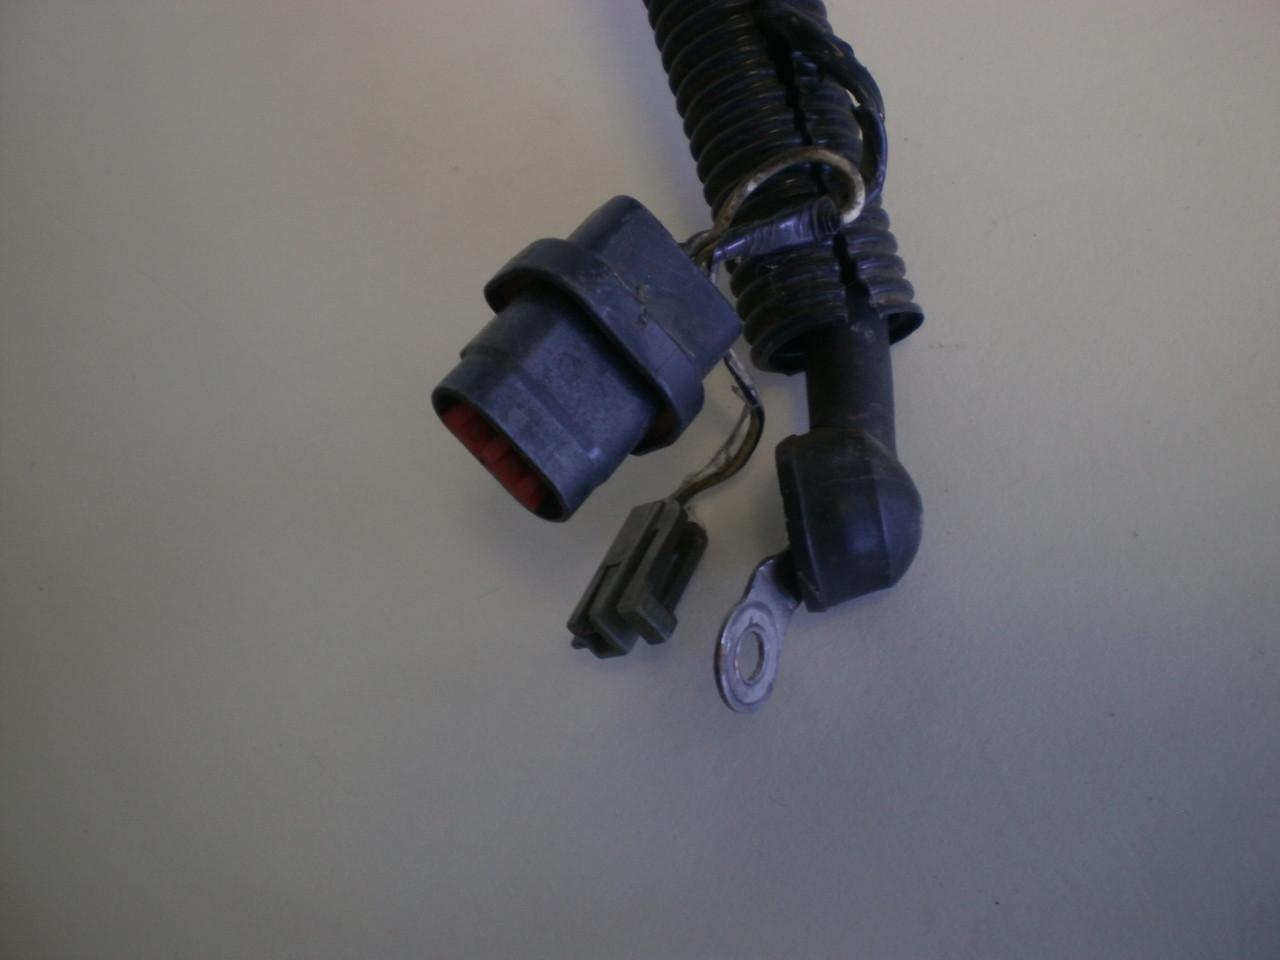 medium resolution of 1994 1995 ford mustang 5 0 v8 302 alternator charger wire harness loom cobra gt v8 94 mustang alternator wiring harness